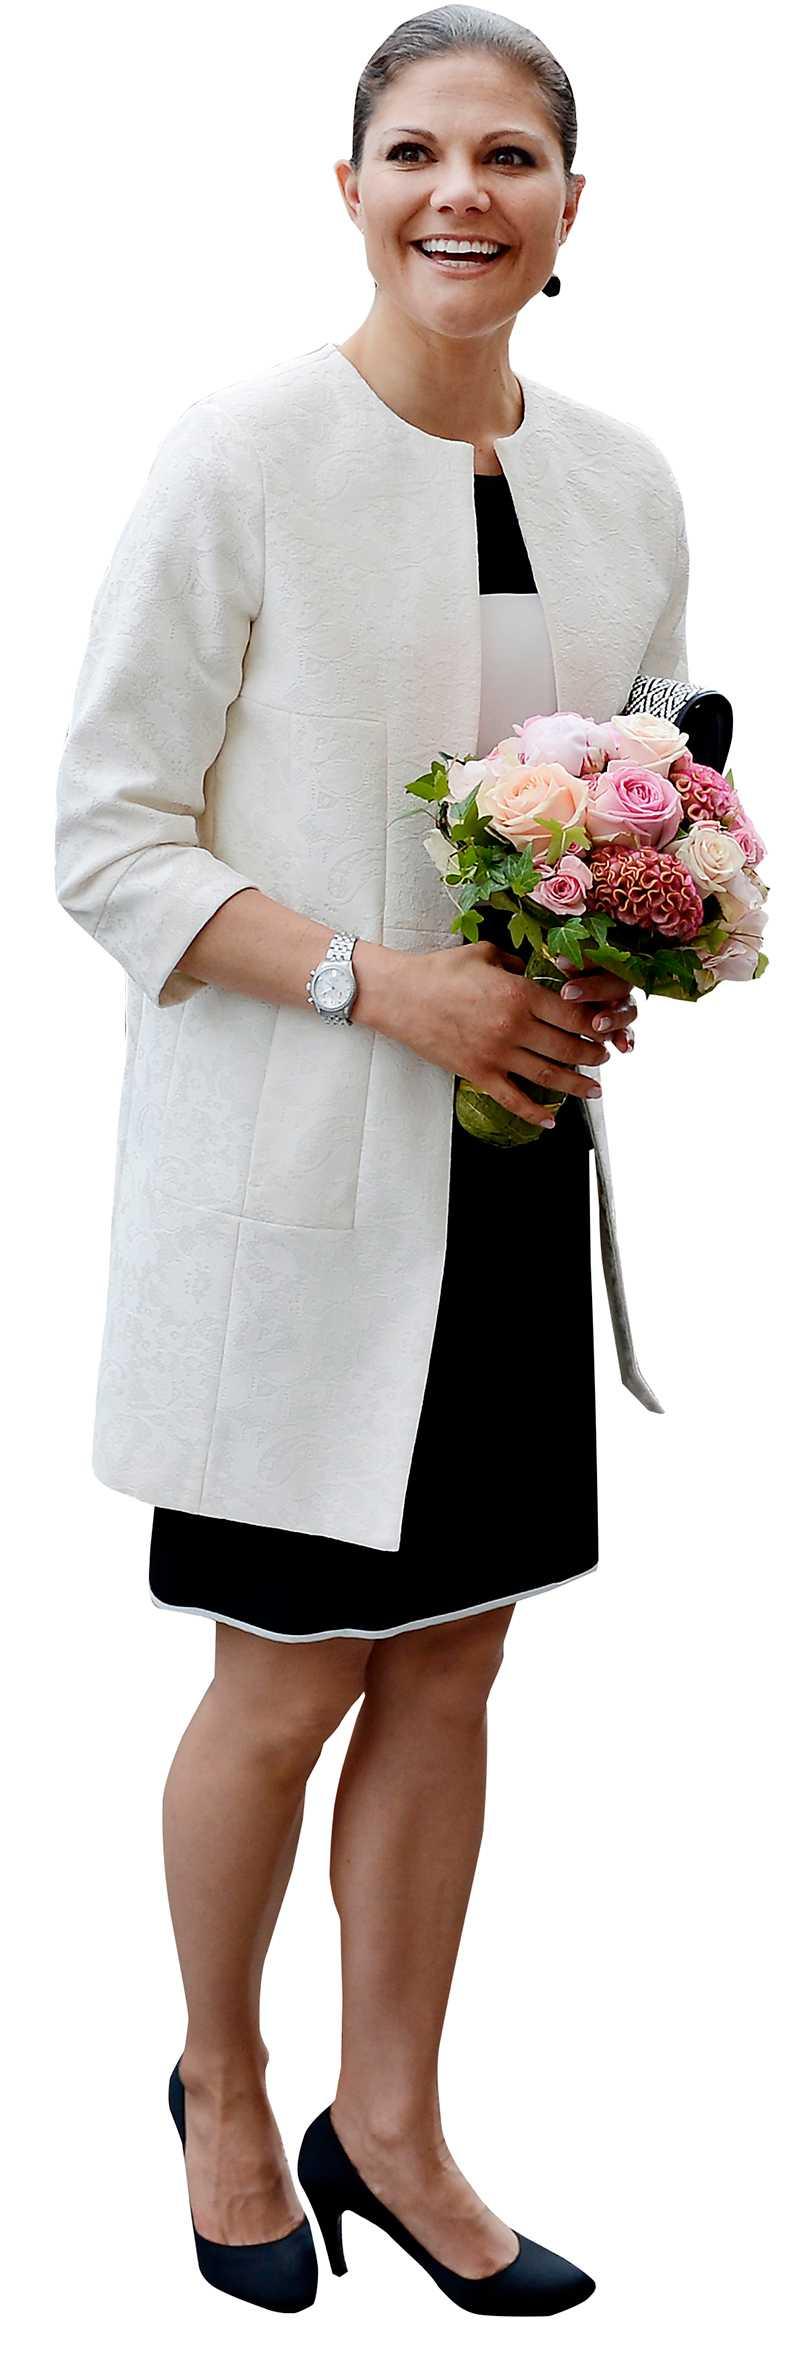 1. Kronprinsessan Victoria är överlägset populärast när svenska folket Tycker till.